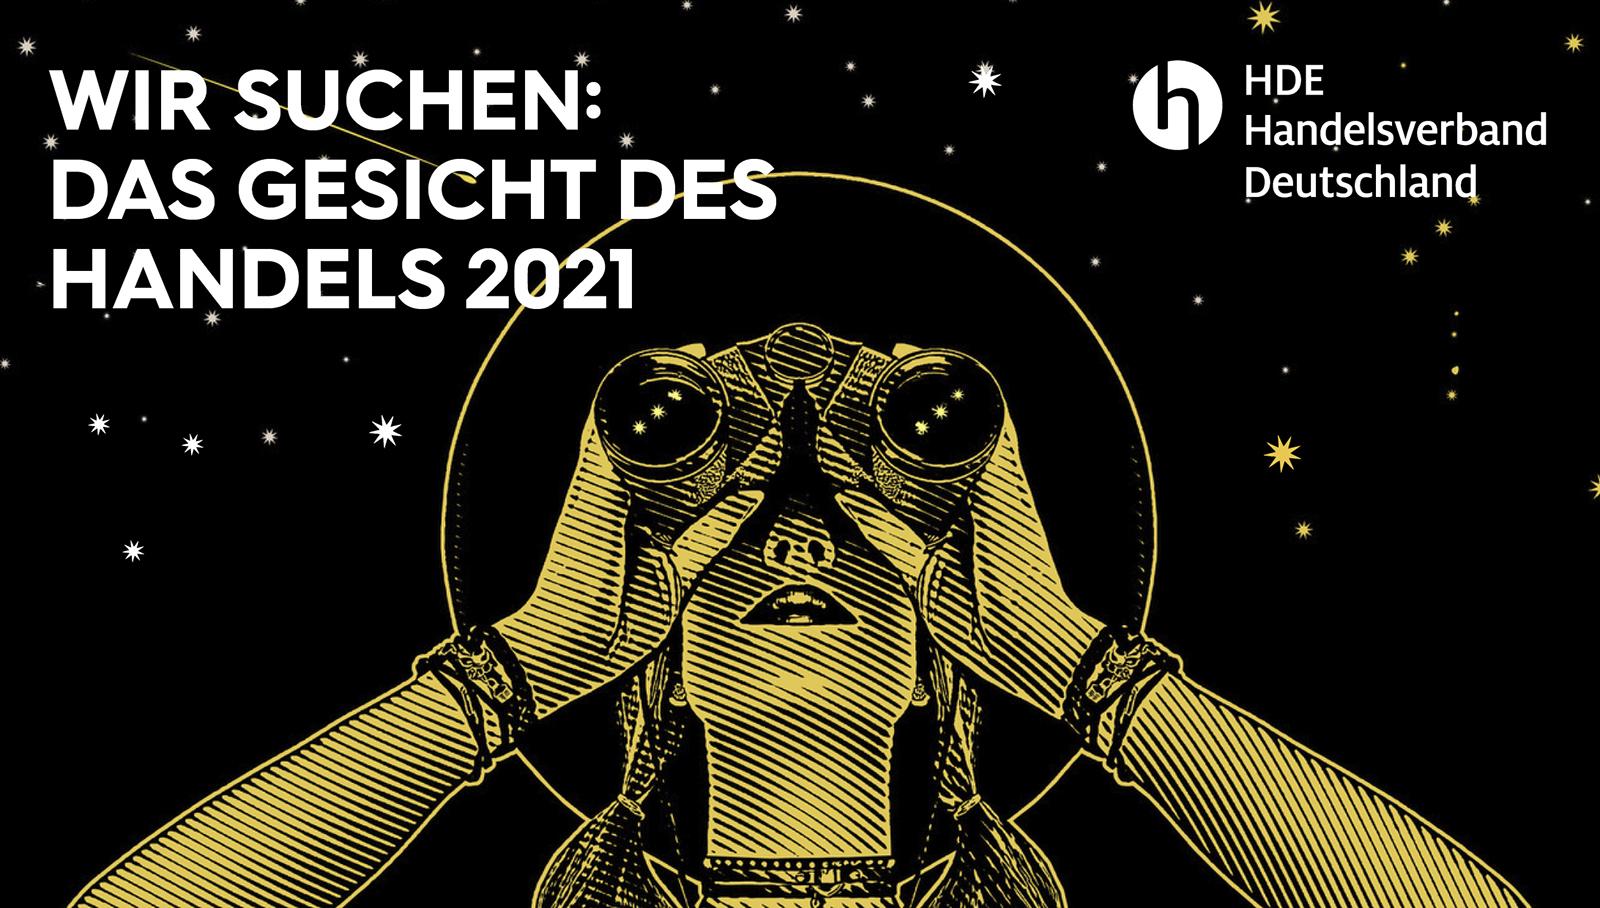 GesichtDesHalndels2021 social3